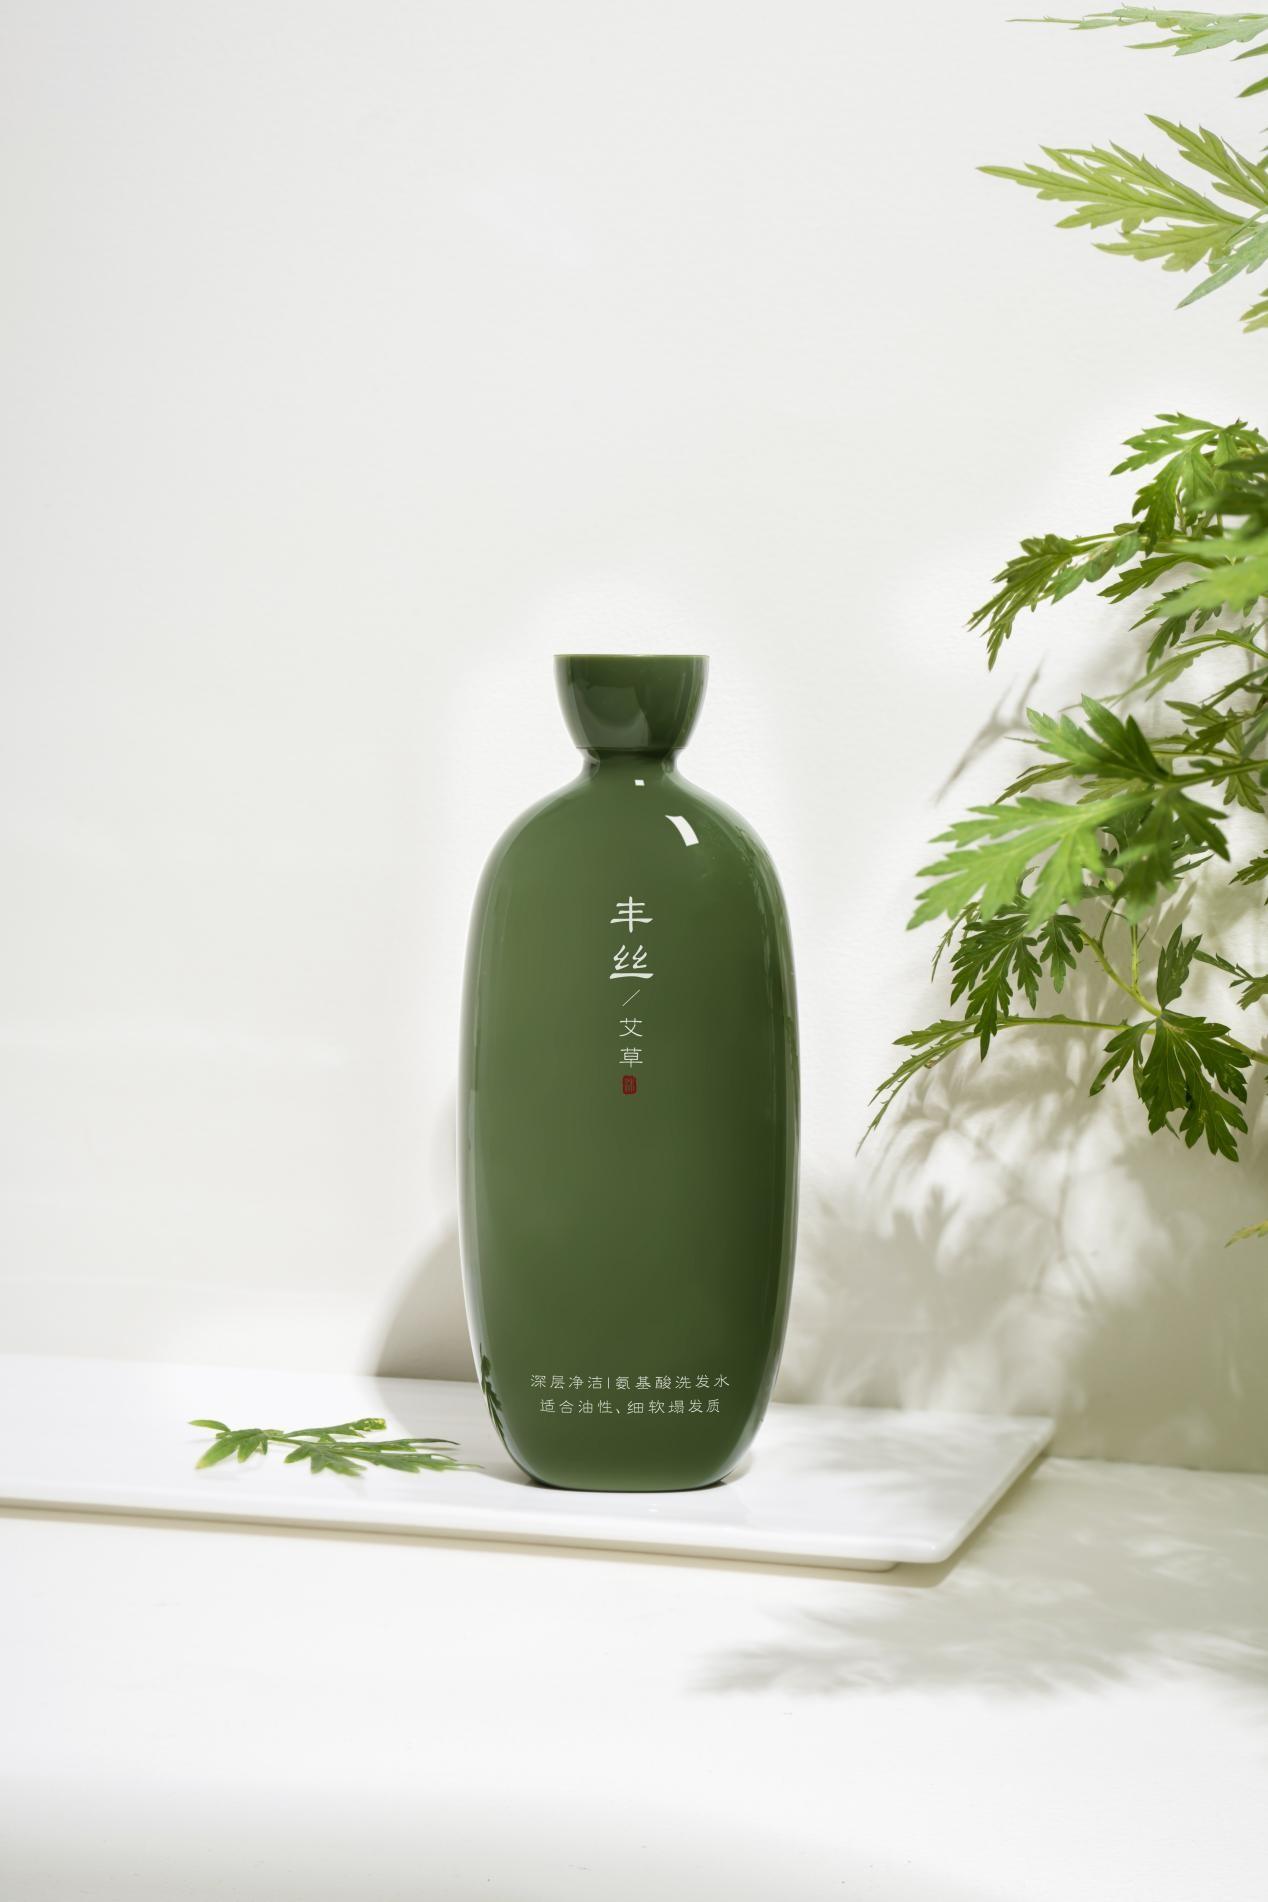 丰丝深度融合传统草本和现代工艺,创启中式洗护新模式